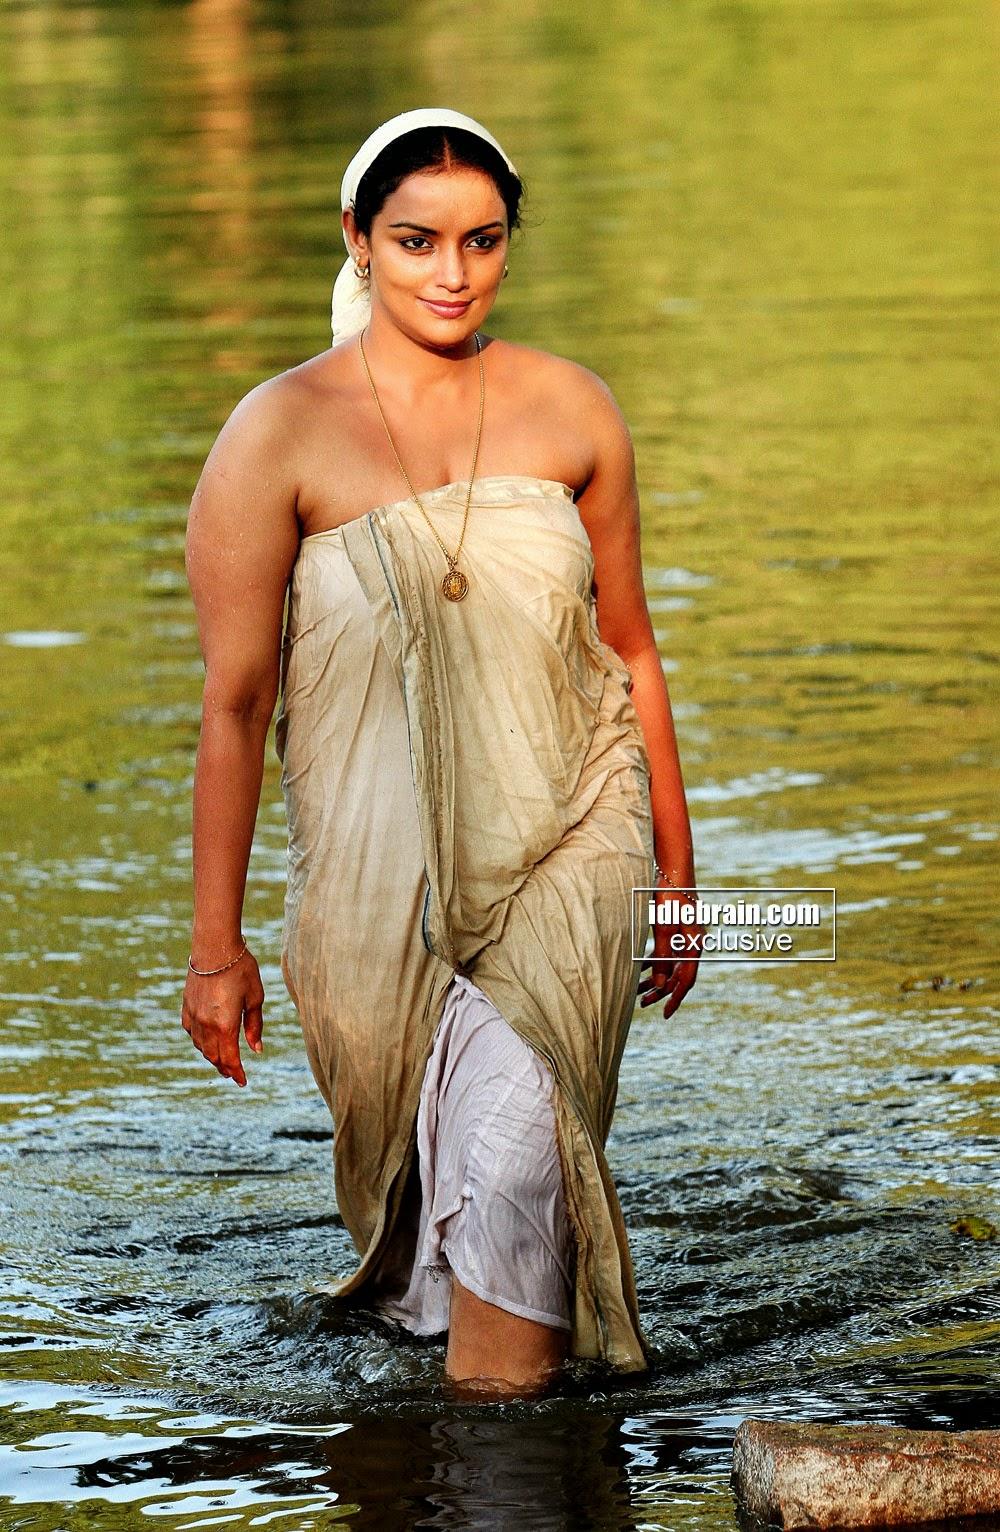 Chechi Latest Malayalam Stories Chechi Newly Addedd Malayalam Hot Stories Chechi Kerala Kambi Story Full Chechi 1000 Kambi Stories Chechi Kambi